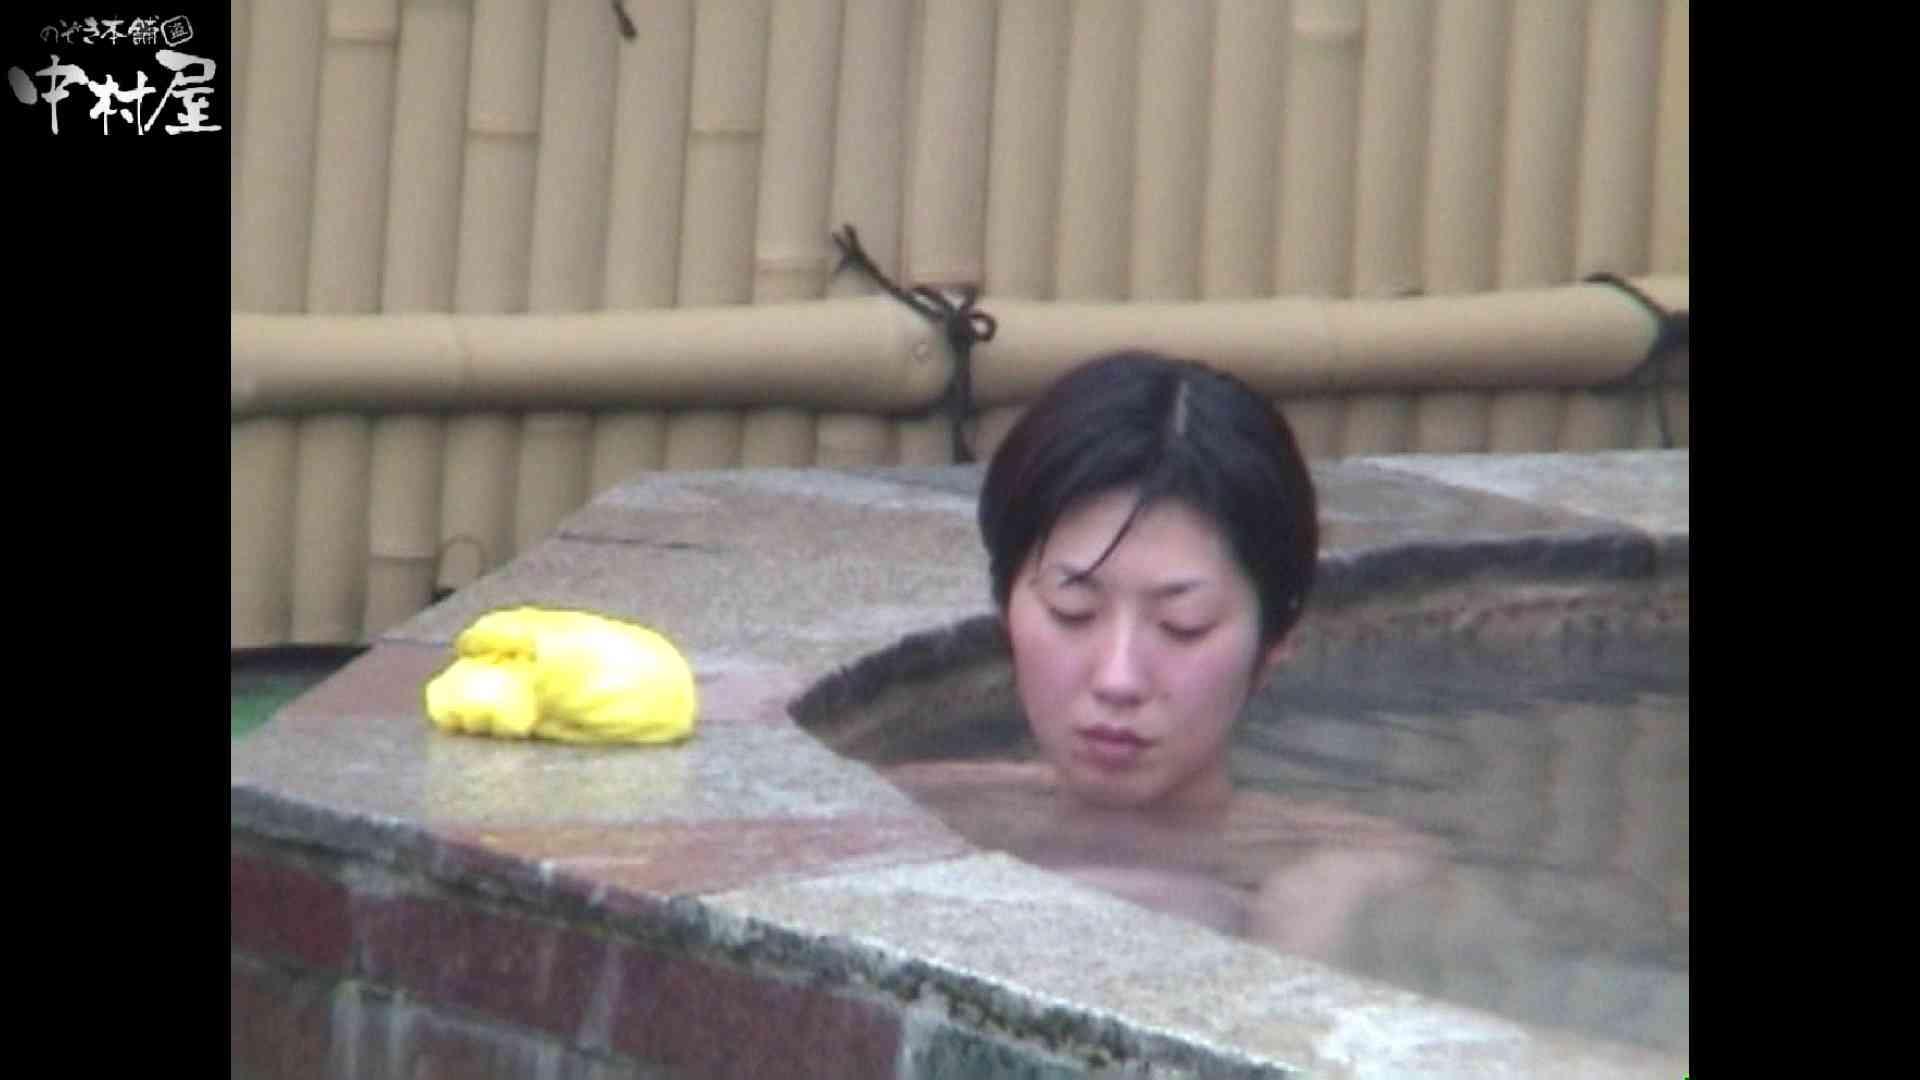 Aquaな露天風呂Vol.921 盗撮特集 | 露天  93画像 65